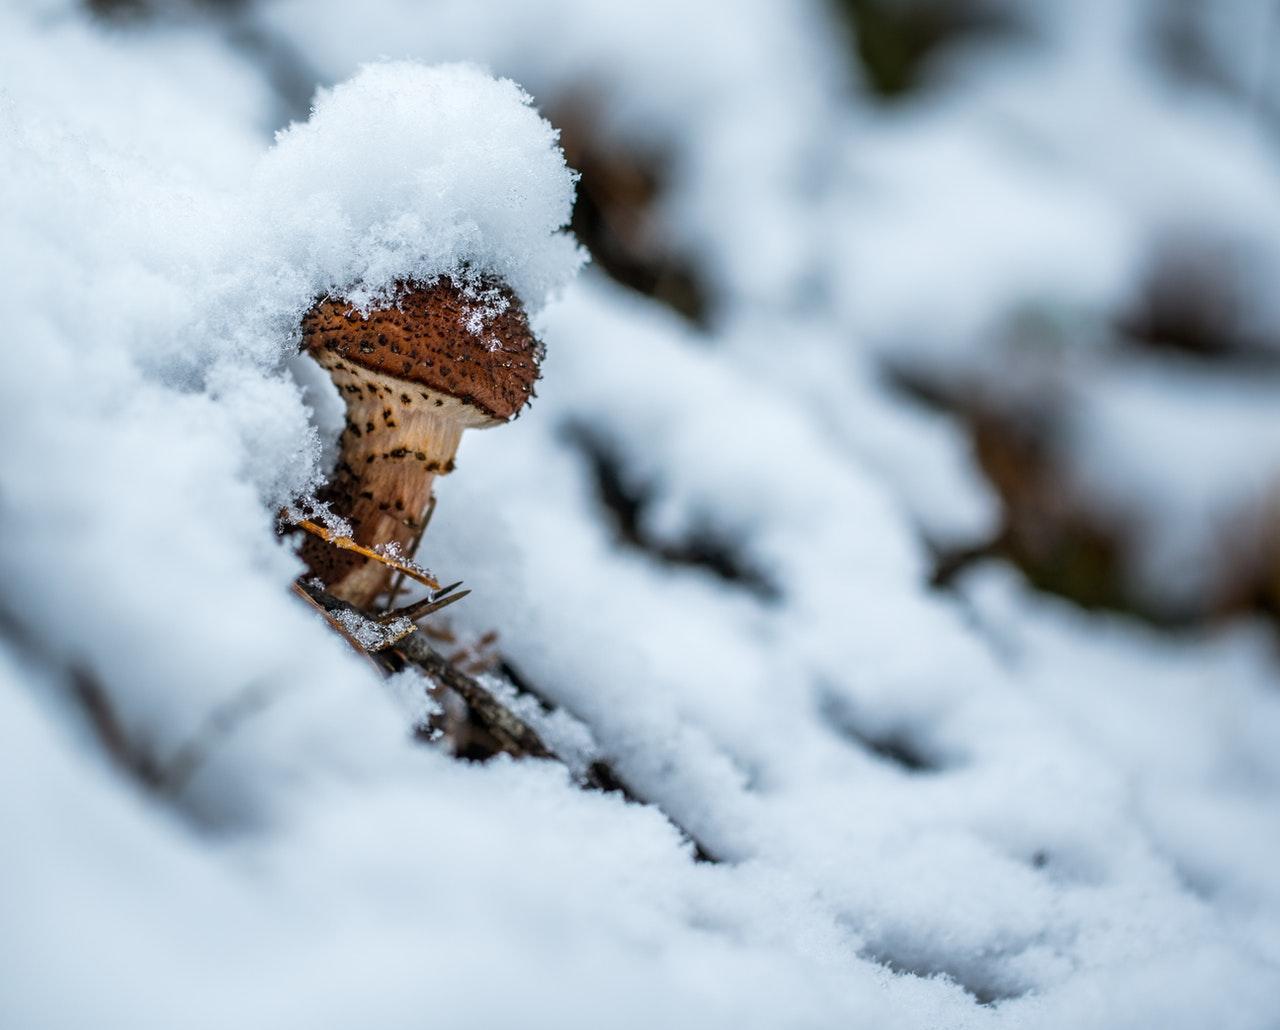 Jakie grzyby rosną zimą?